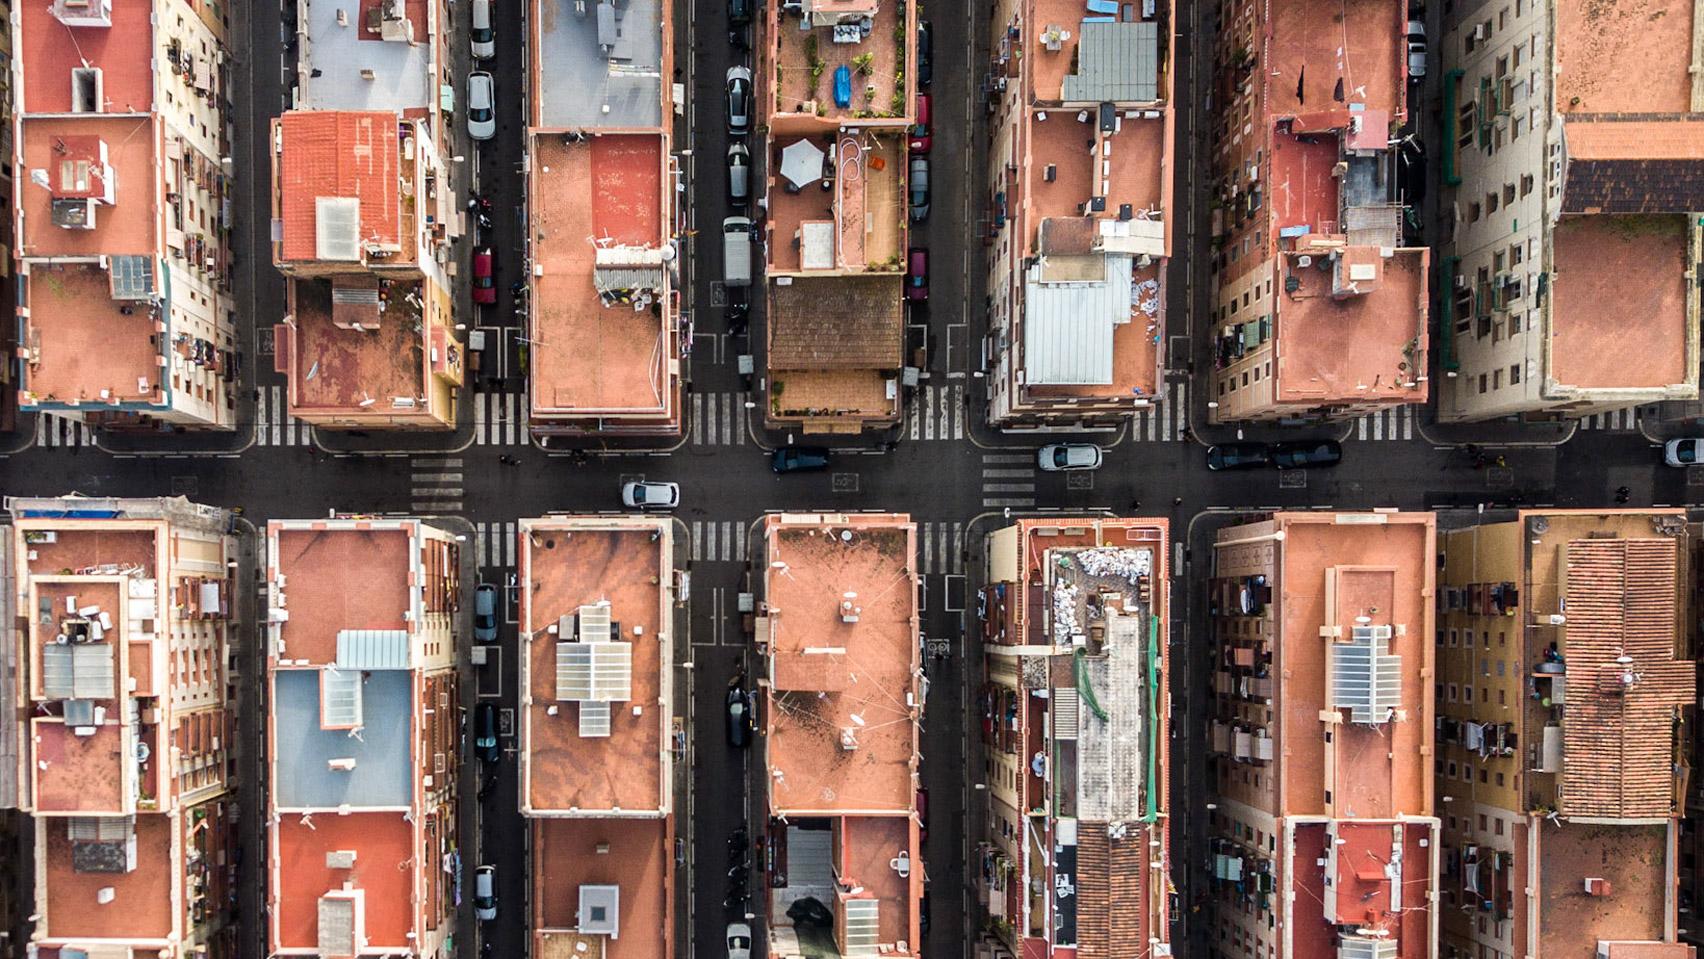 Los tejados de terracota de la ciudad han inspirado los proyectos contemporáneos de muchos arquitectos / Márton Mogyorósy